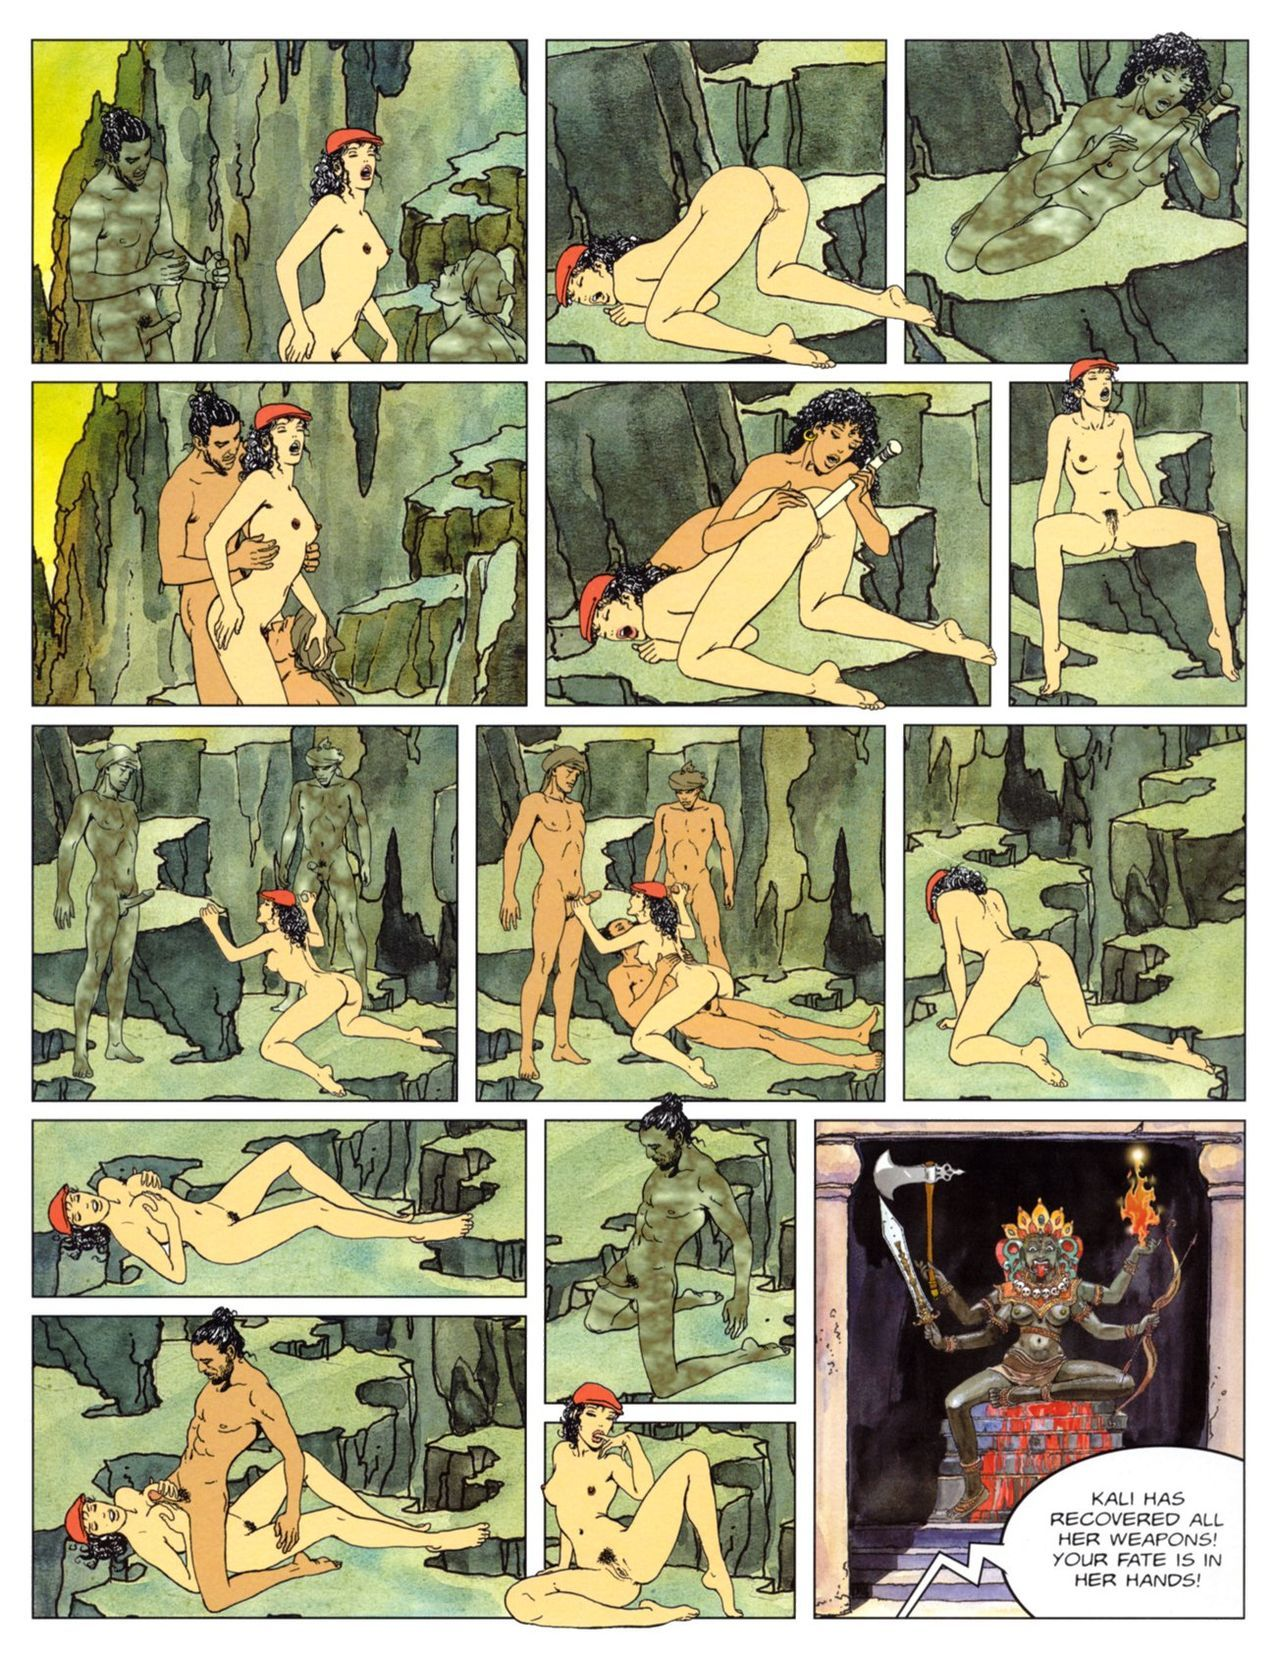 russkie-eroticheskie-skazki